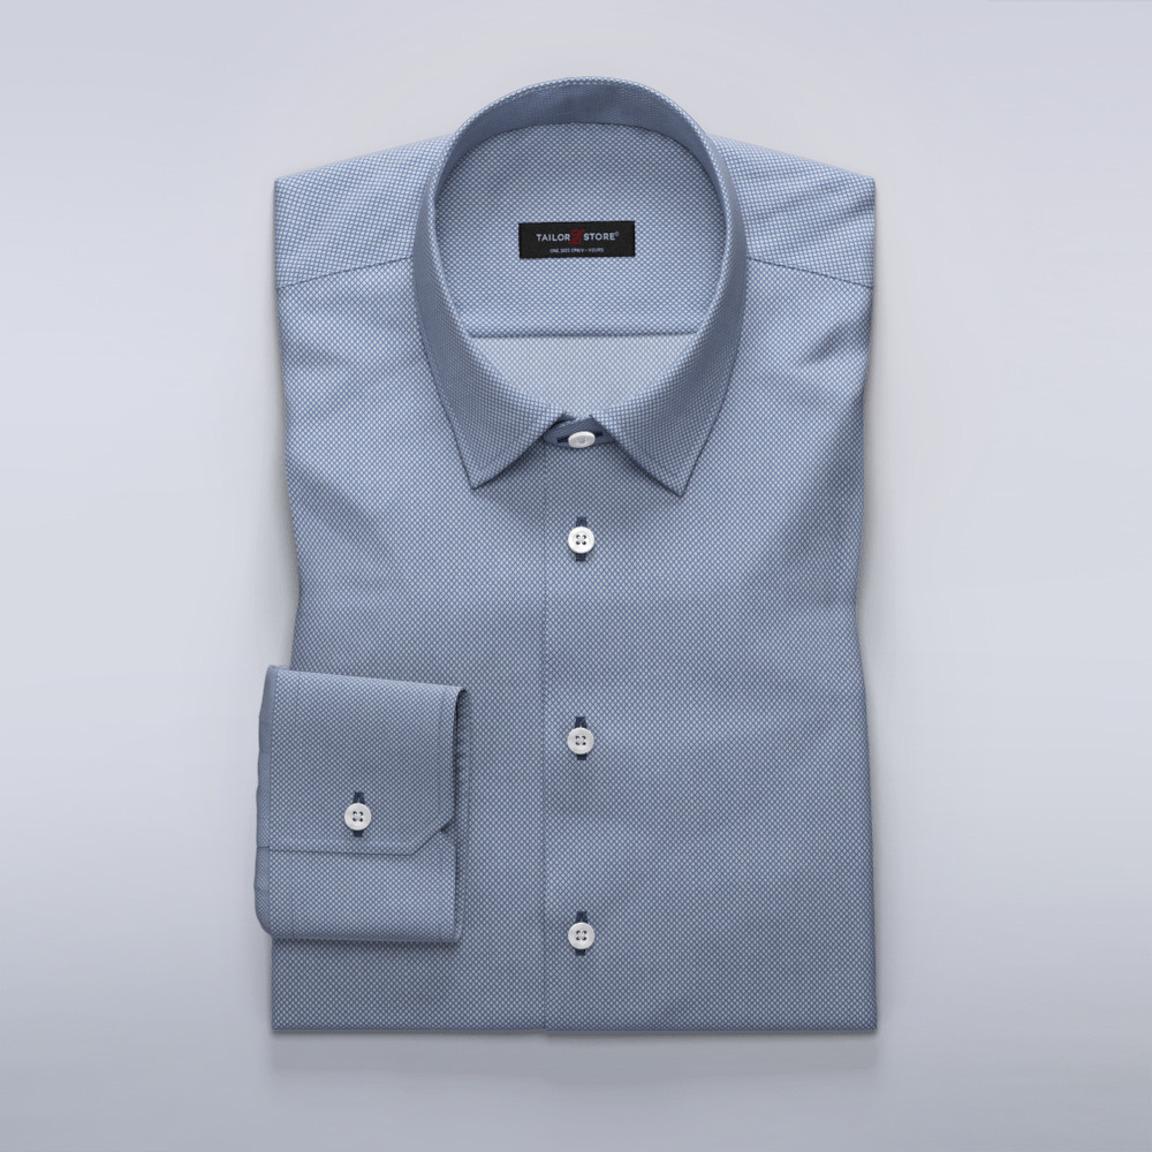 Niebieska koszula damska o drobnym wzorze